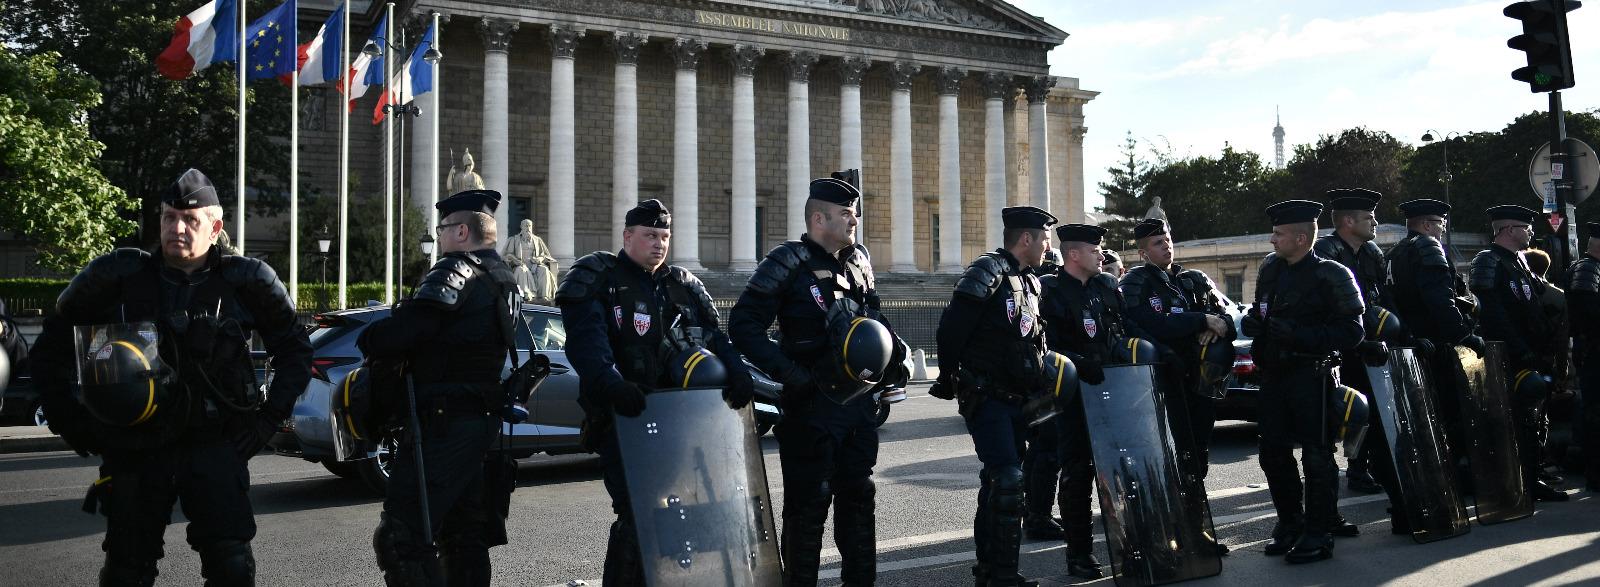 http://static.politis.fr/medias/articles/2016/07/la-realisatrice-mariana-otero-arretee-pour-avoir-filme-la-chose-publique-35087/thumbnail_hero-35087.jpg